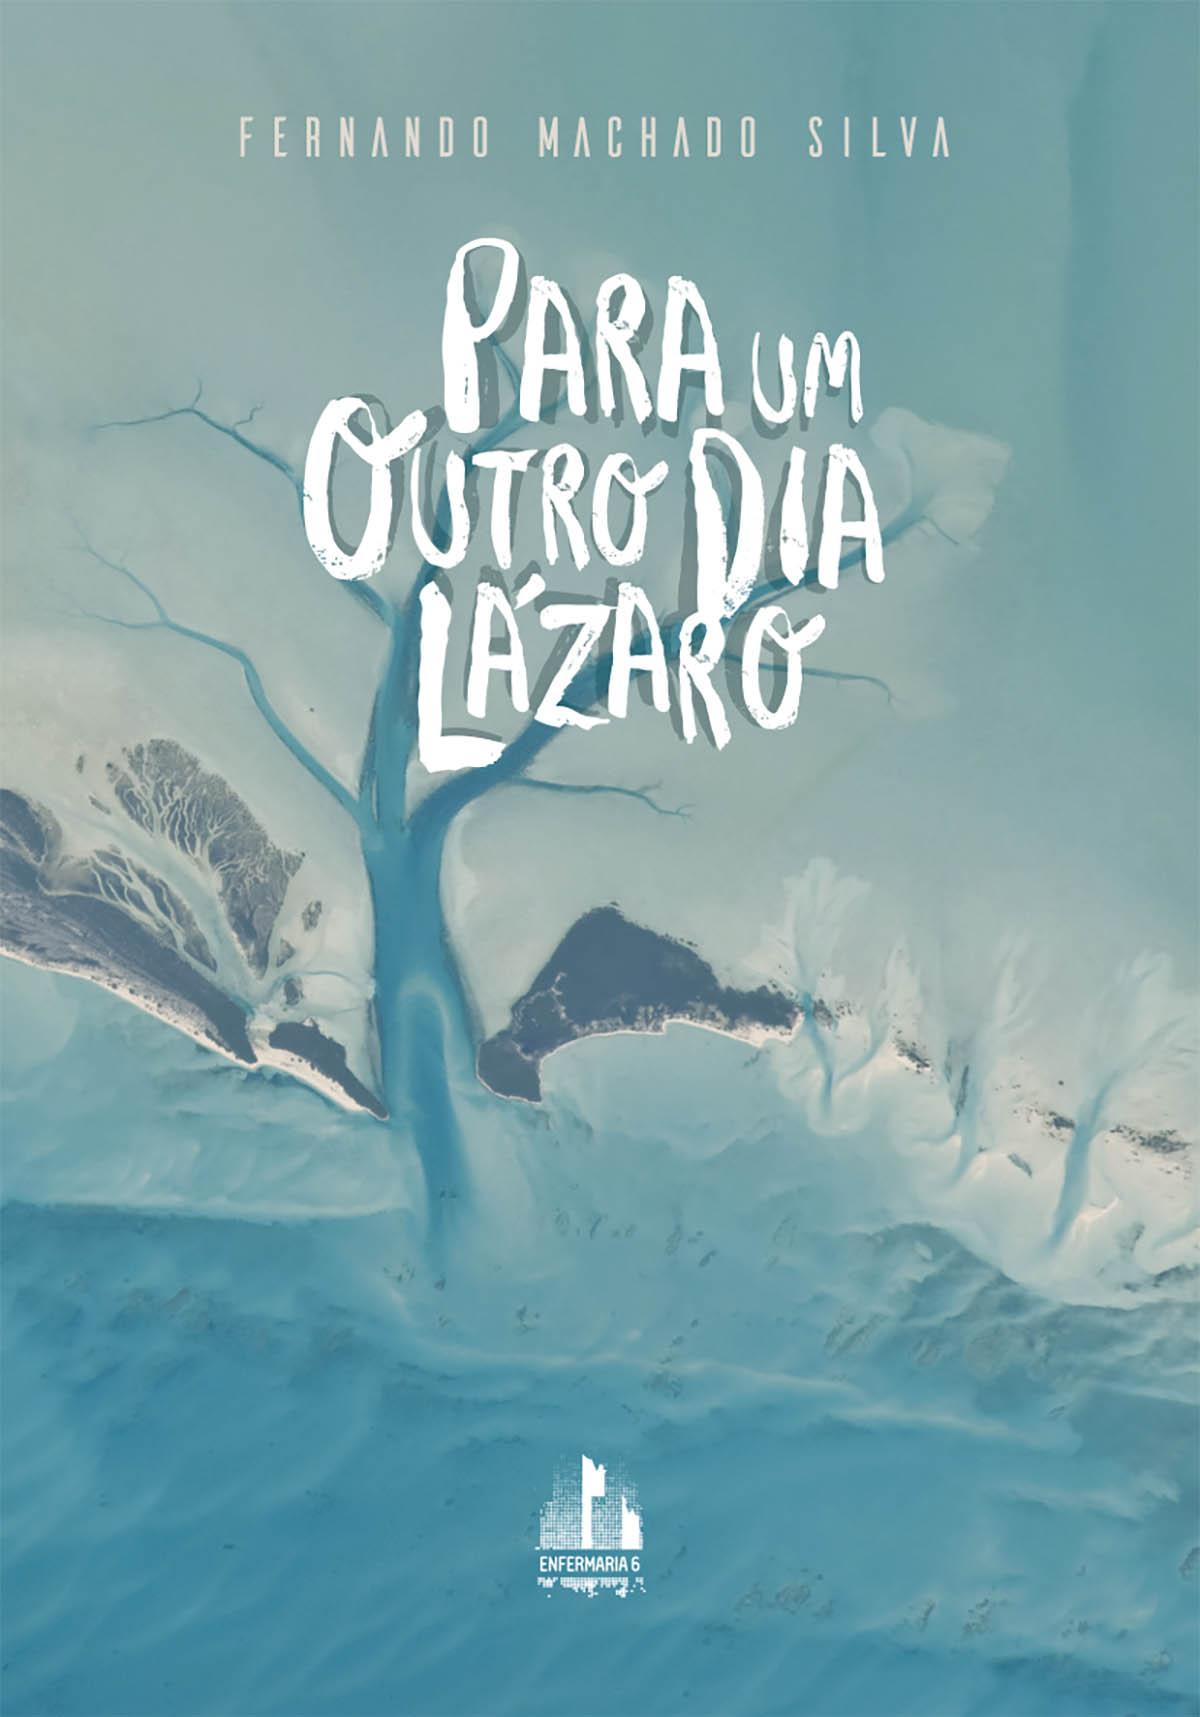 Fernando Machado Silva, para um outro dia Lázaro